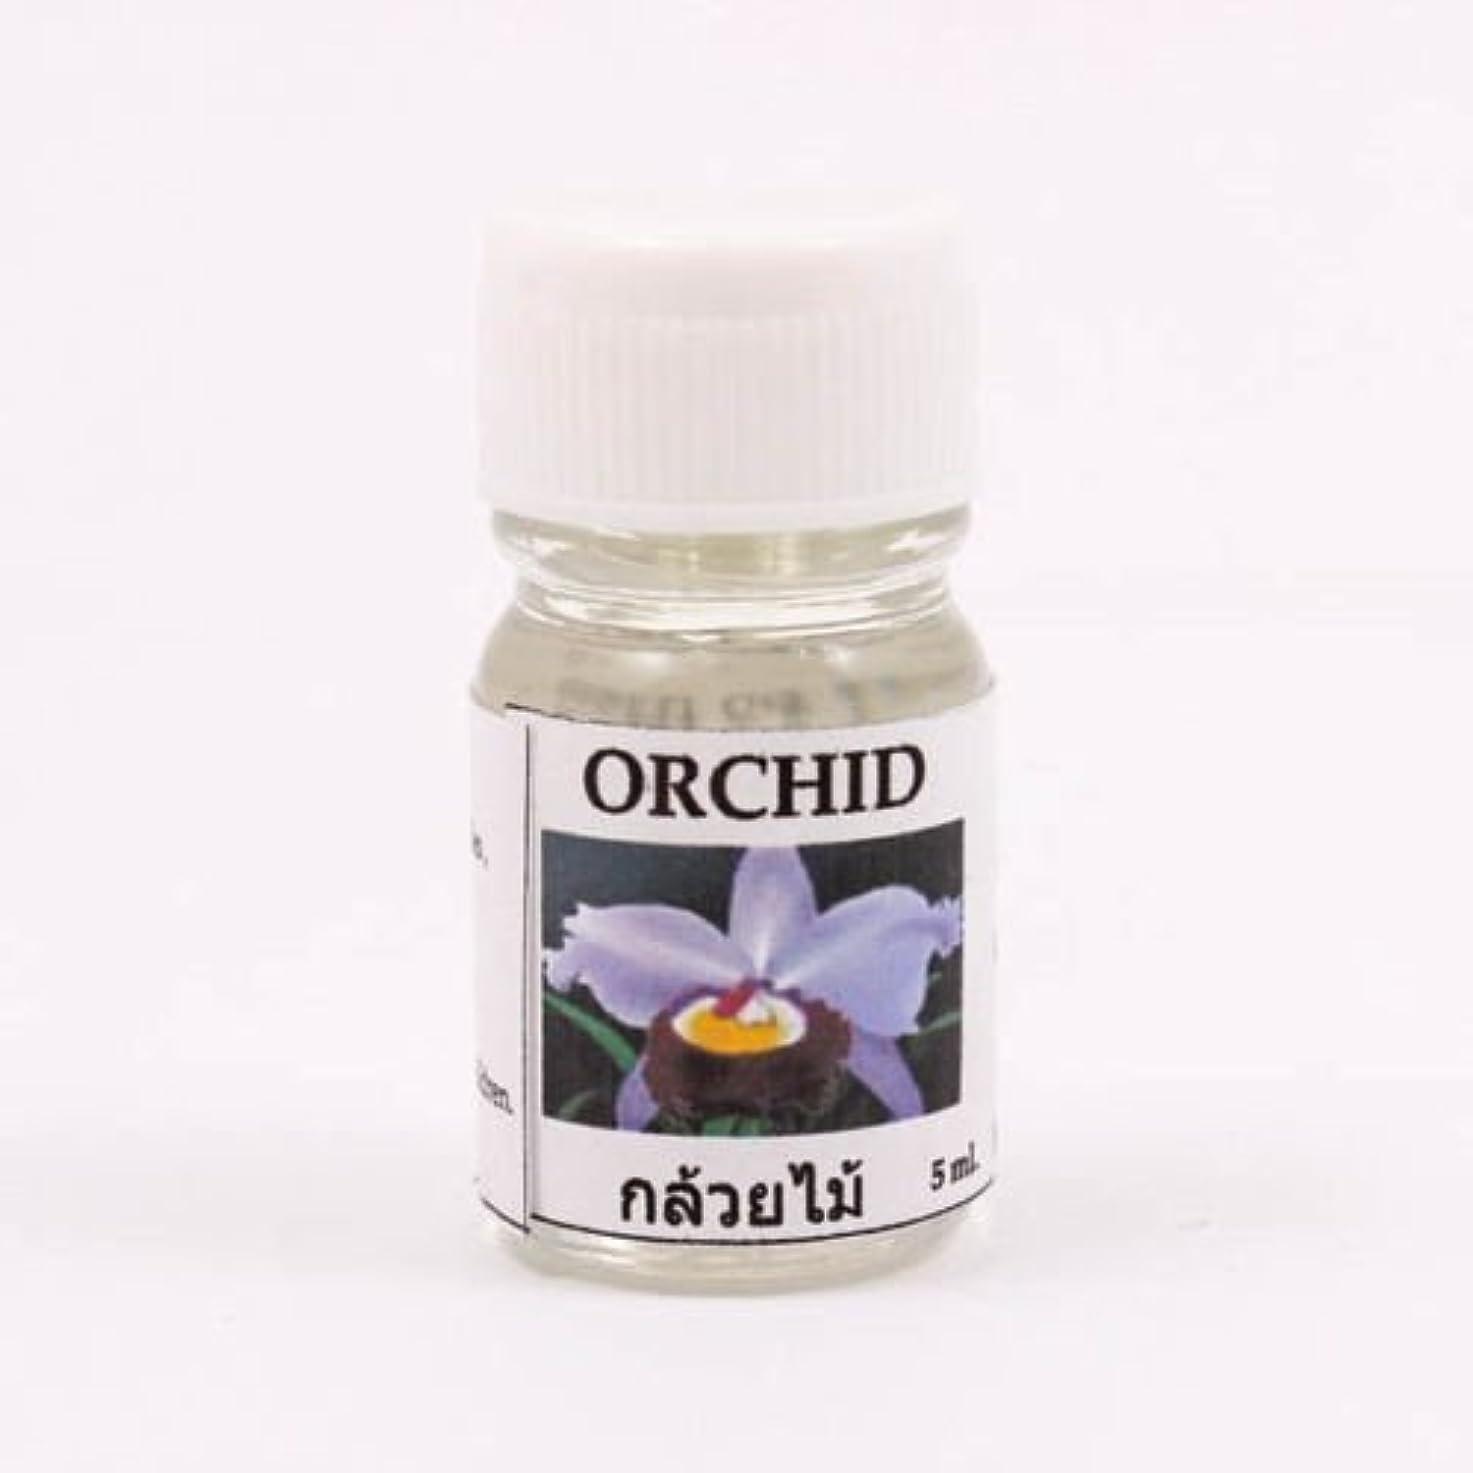 学生レジモンキー6X Orchid Aroma Fragrance Essential Oil 5ML. (cc) Diffuser Burner Therapy